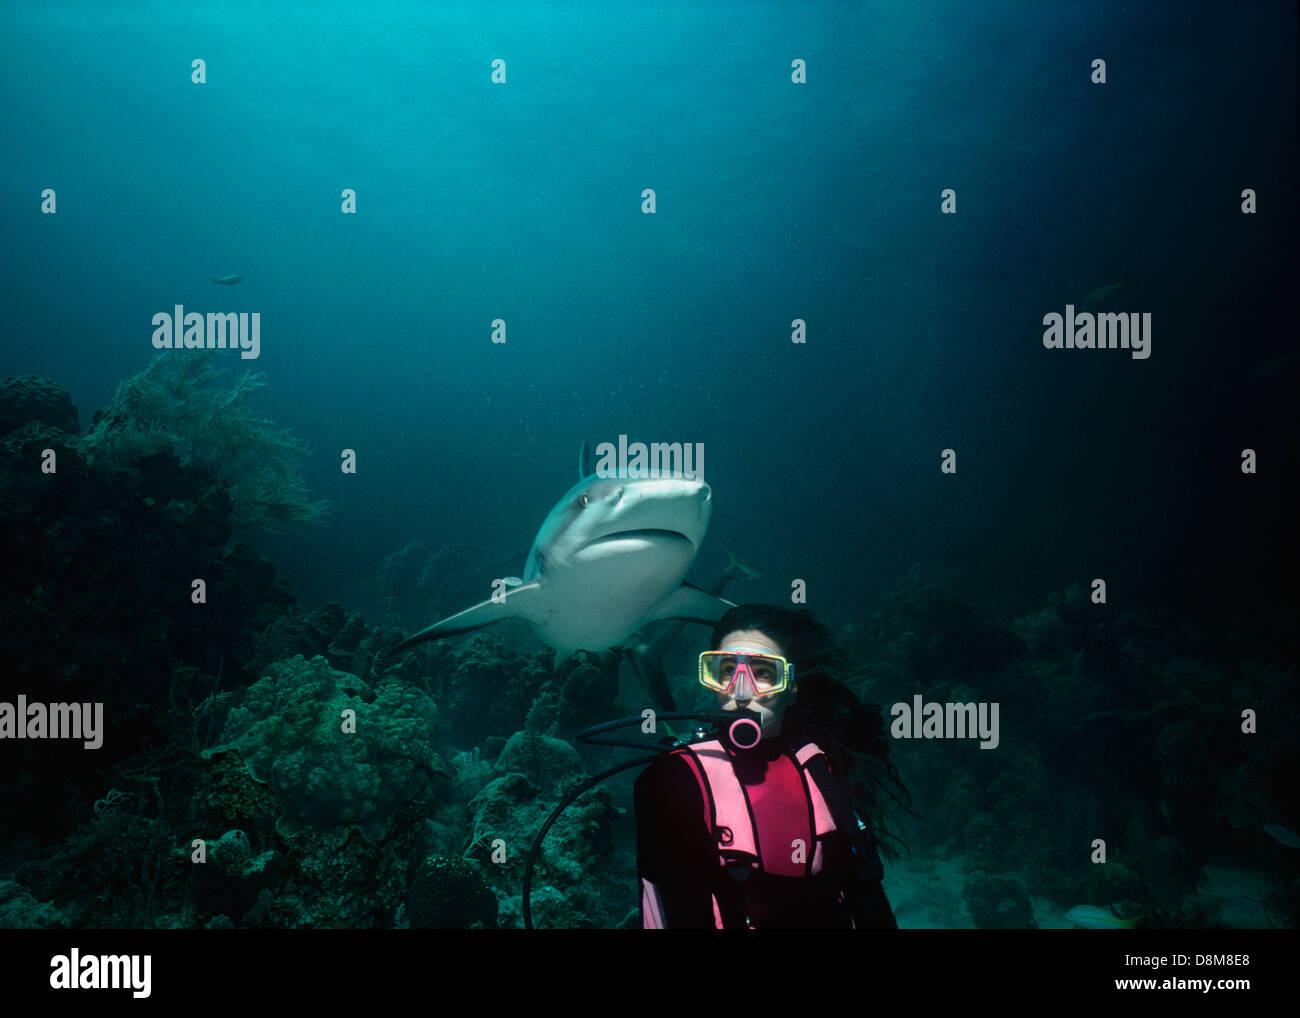 Requin de récif des Caraïbes (Carcharhinus perezi) et plongeur. Bahamas, mer des Caraïbes Photo Stock